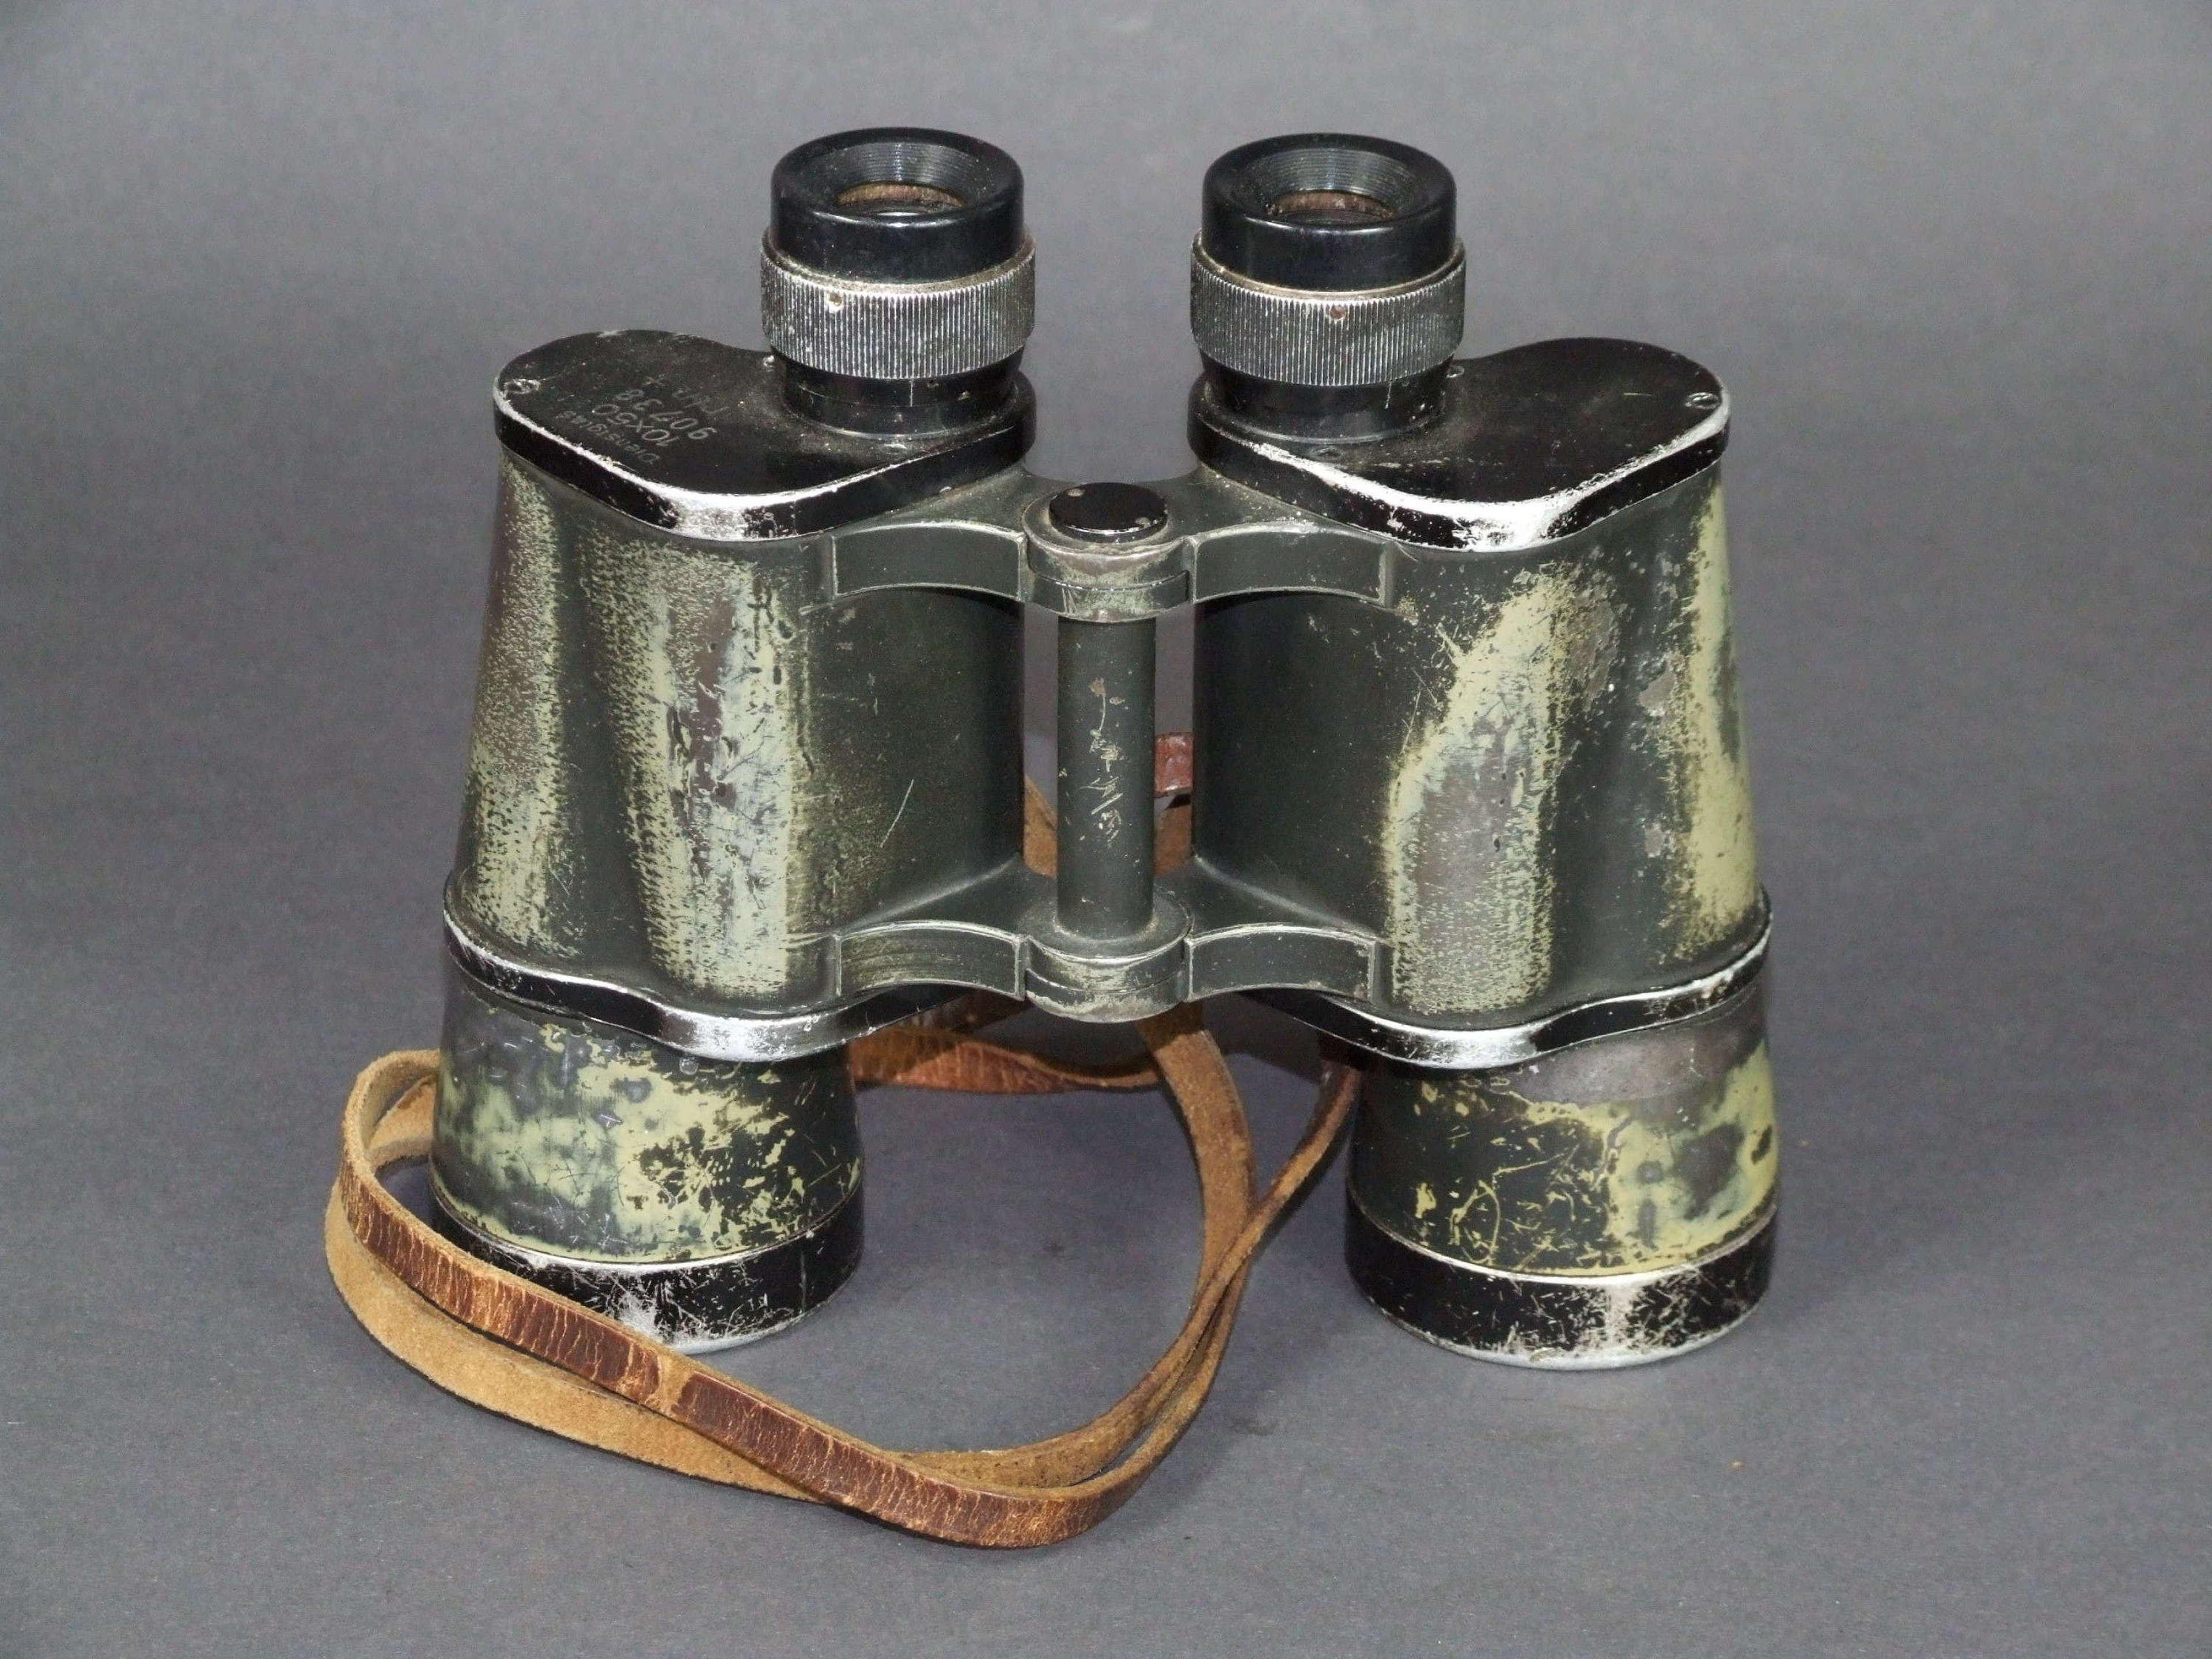 Zeiss 10x50 Dienstglas Binoculars